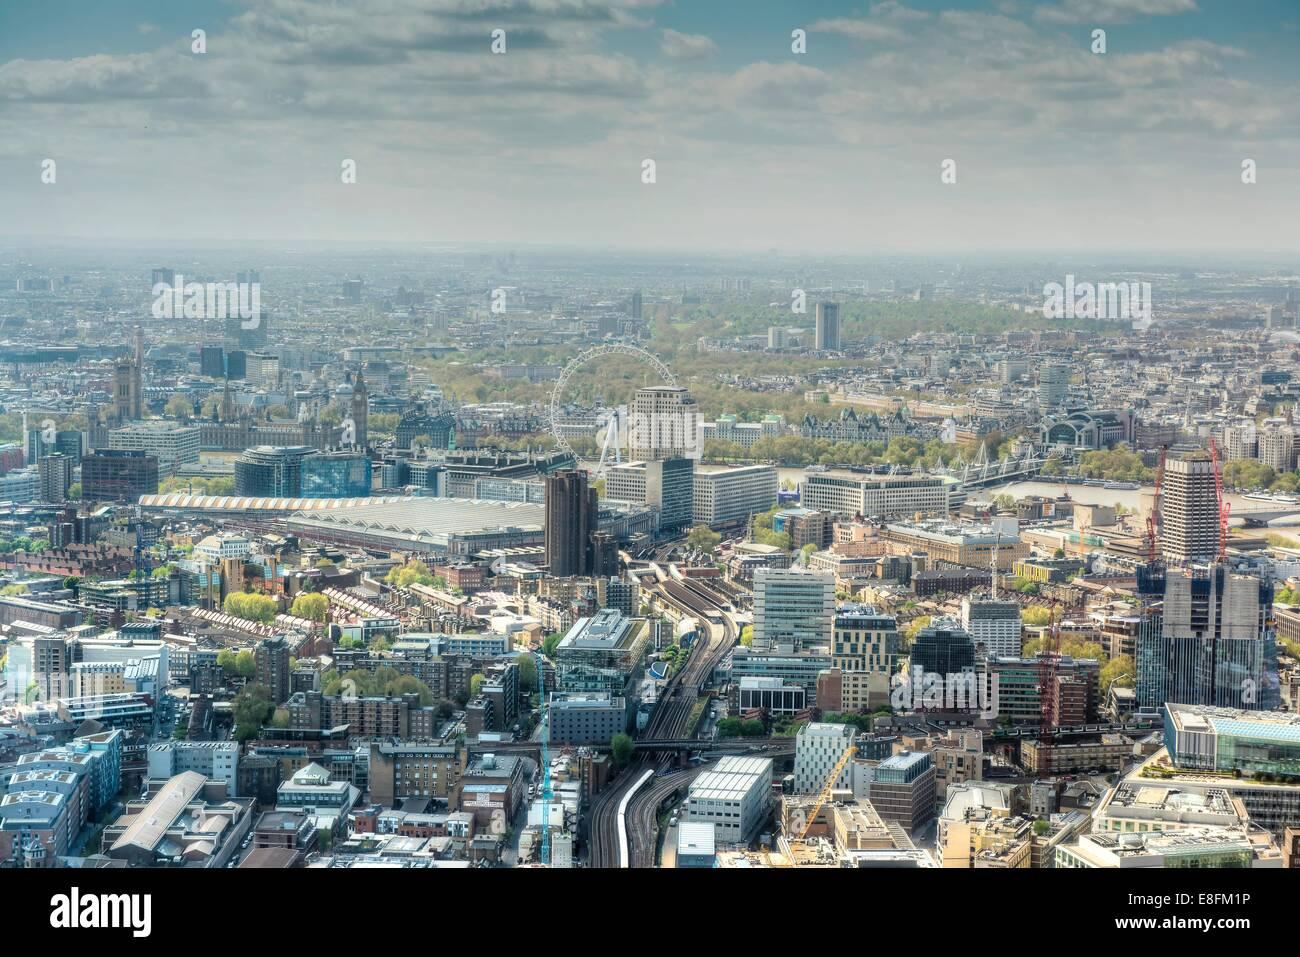 United Kingdom, England, London, Cityscape - Stock Image